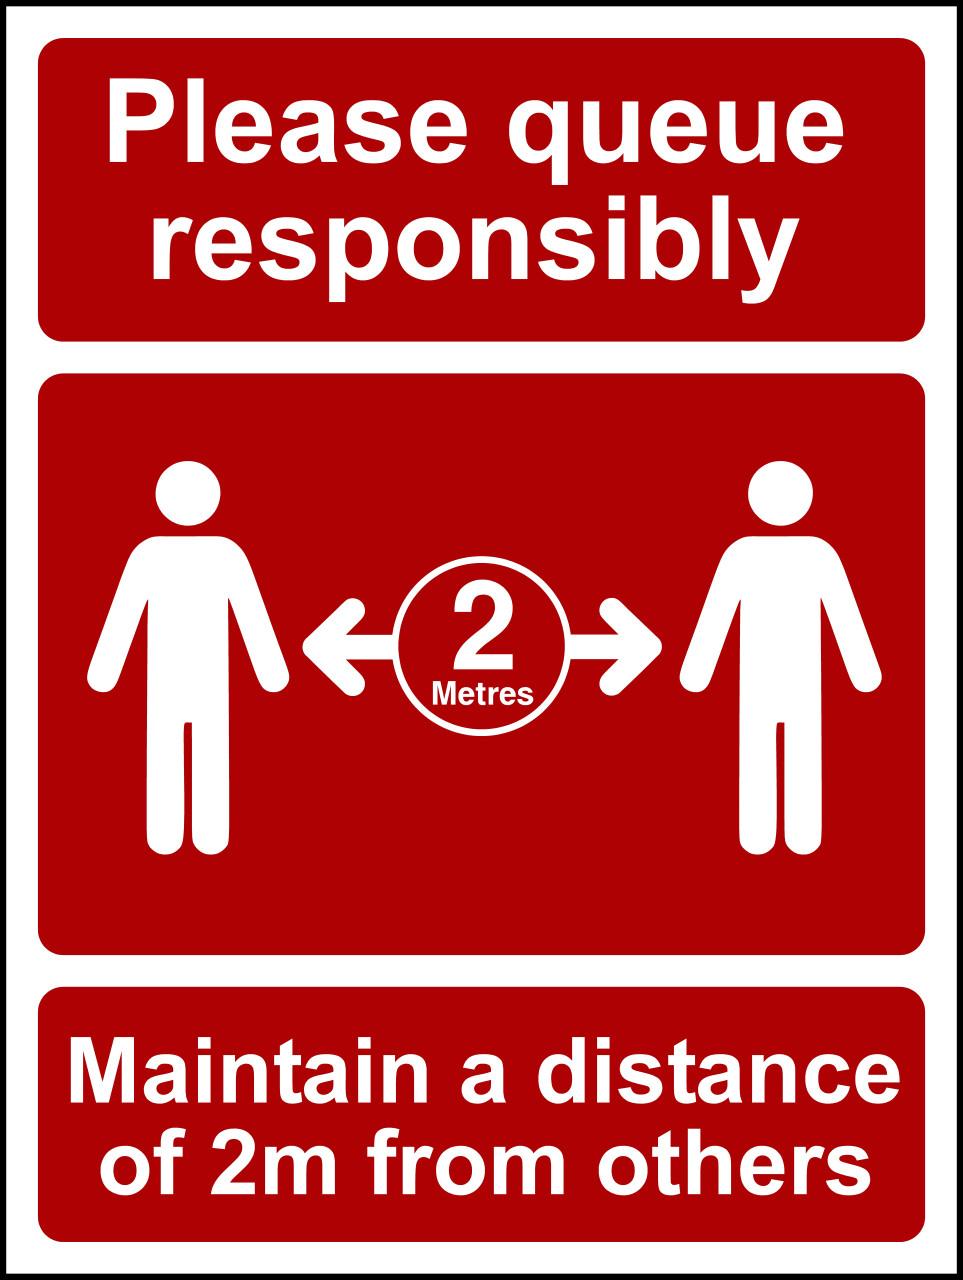 Please queue responsibly